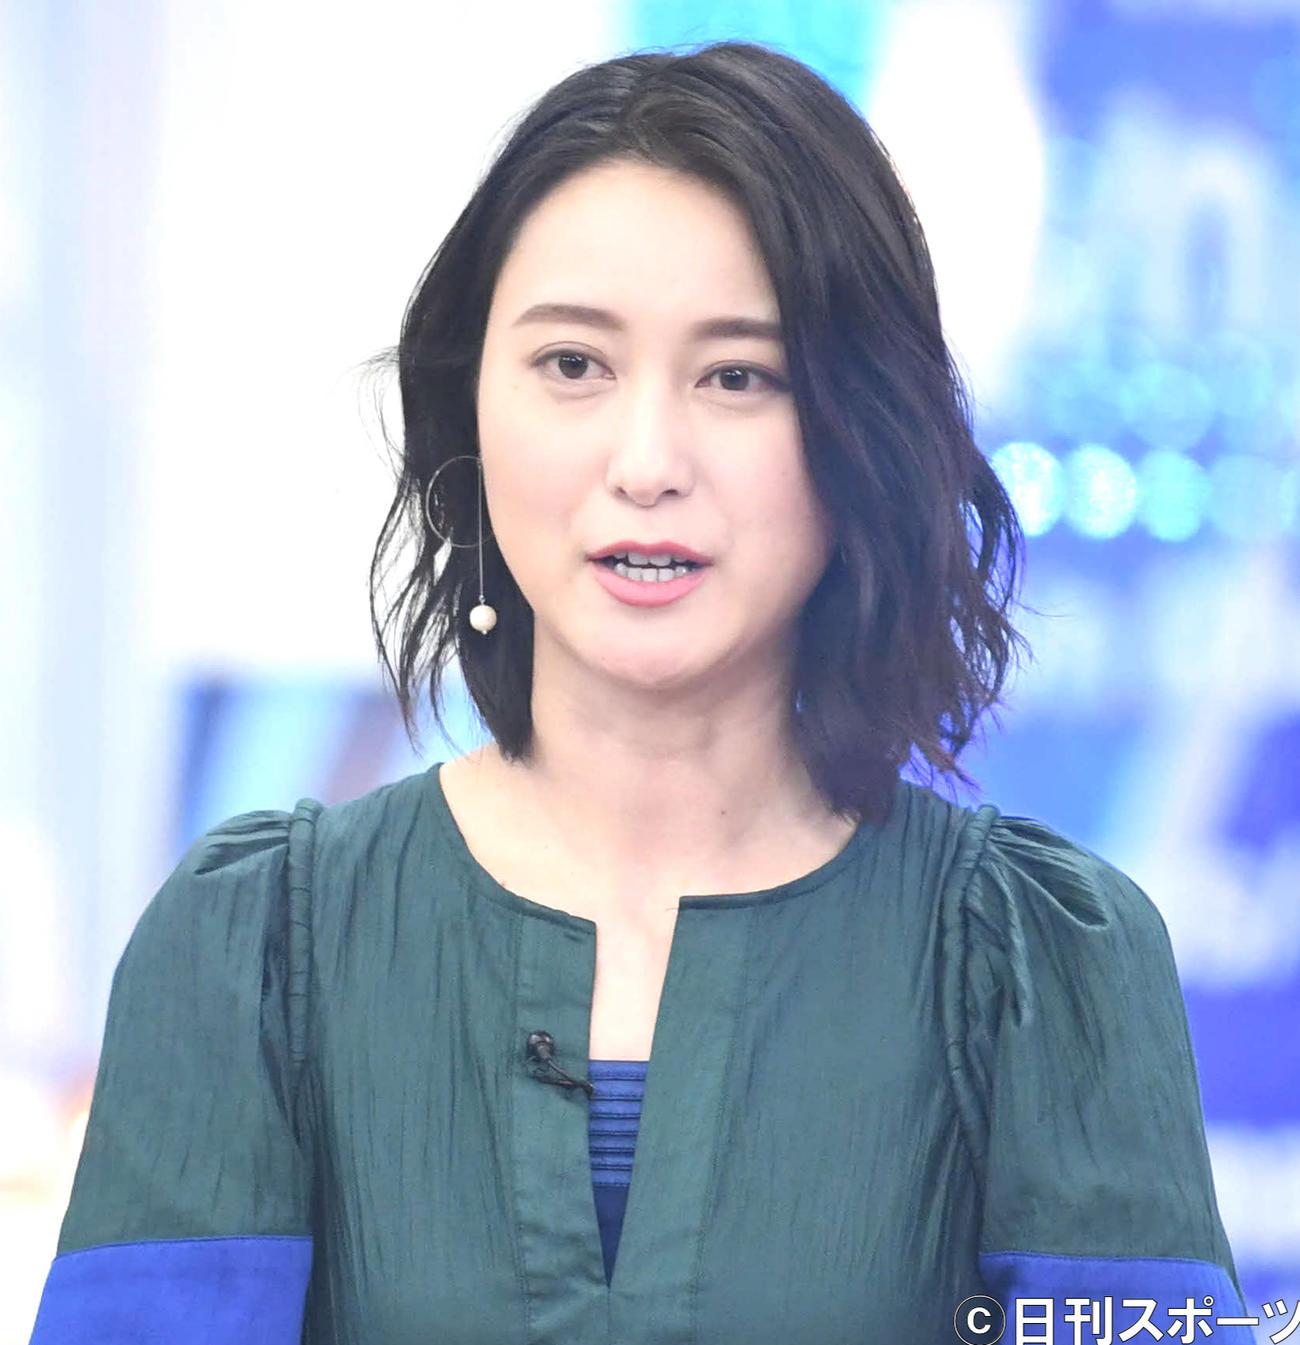 小川 妊娠 23 ニュース